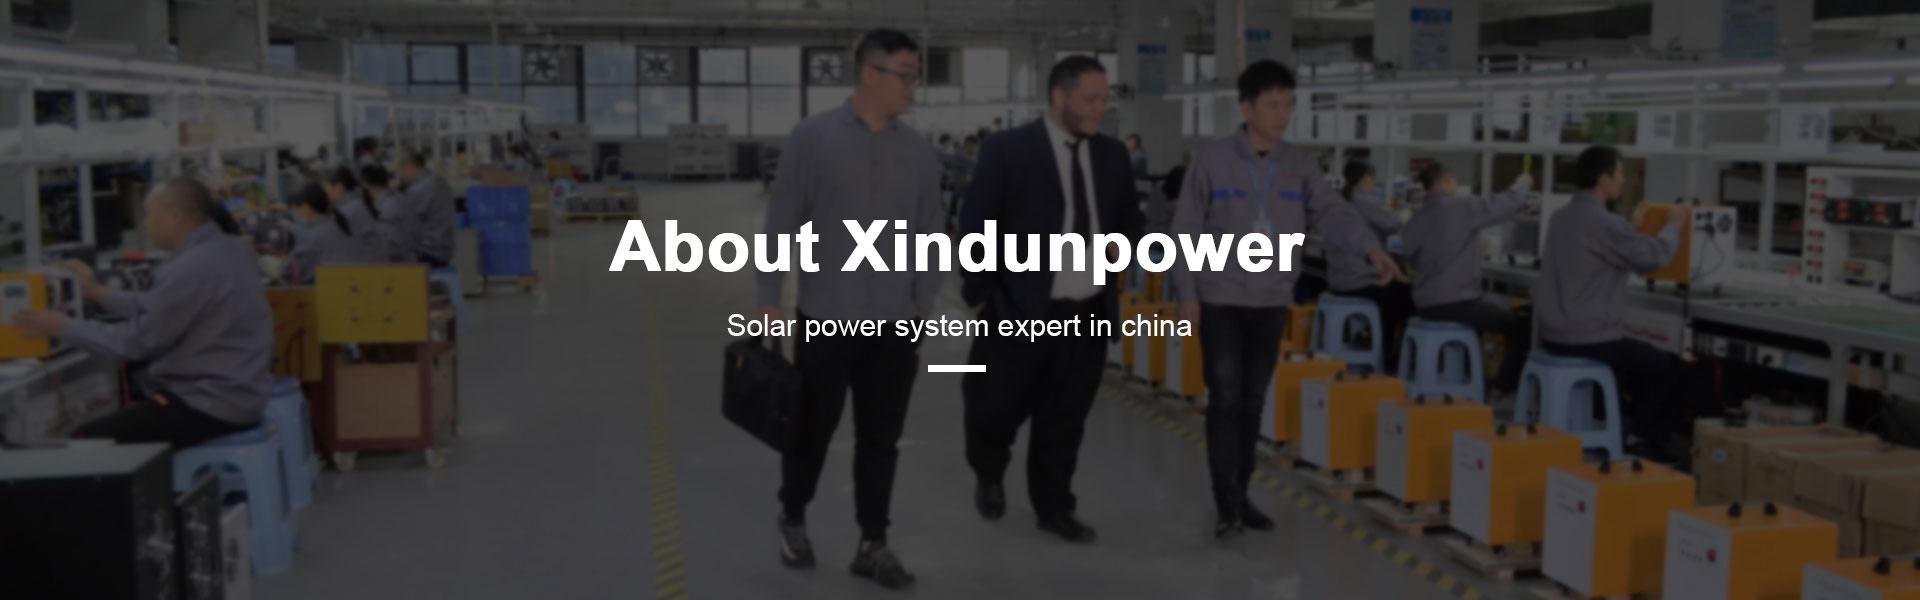 About Xindunpower